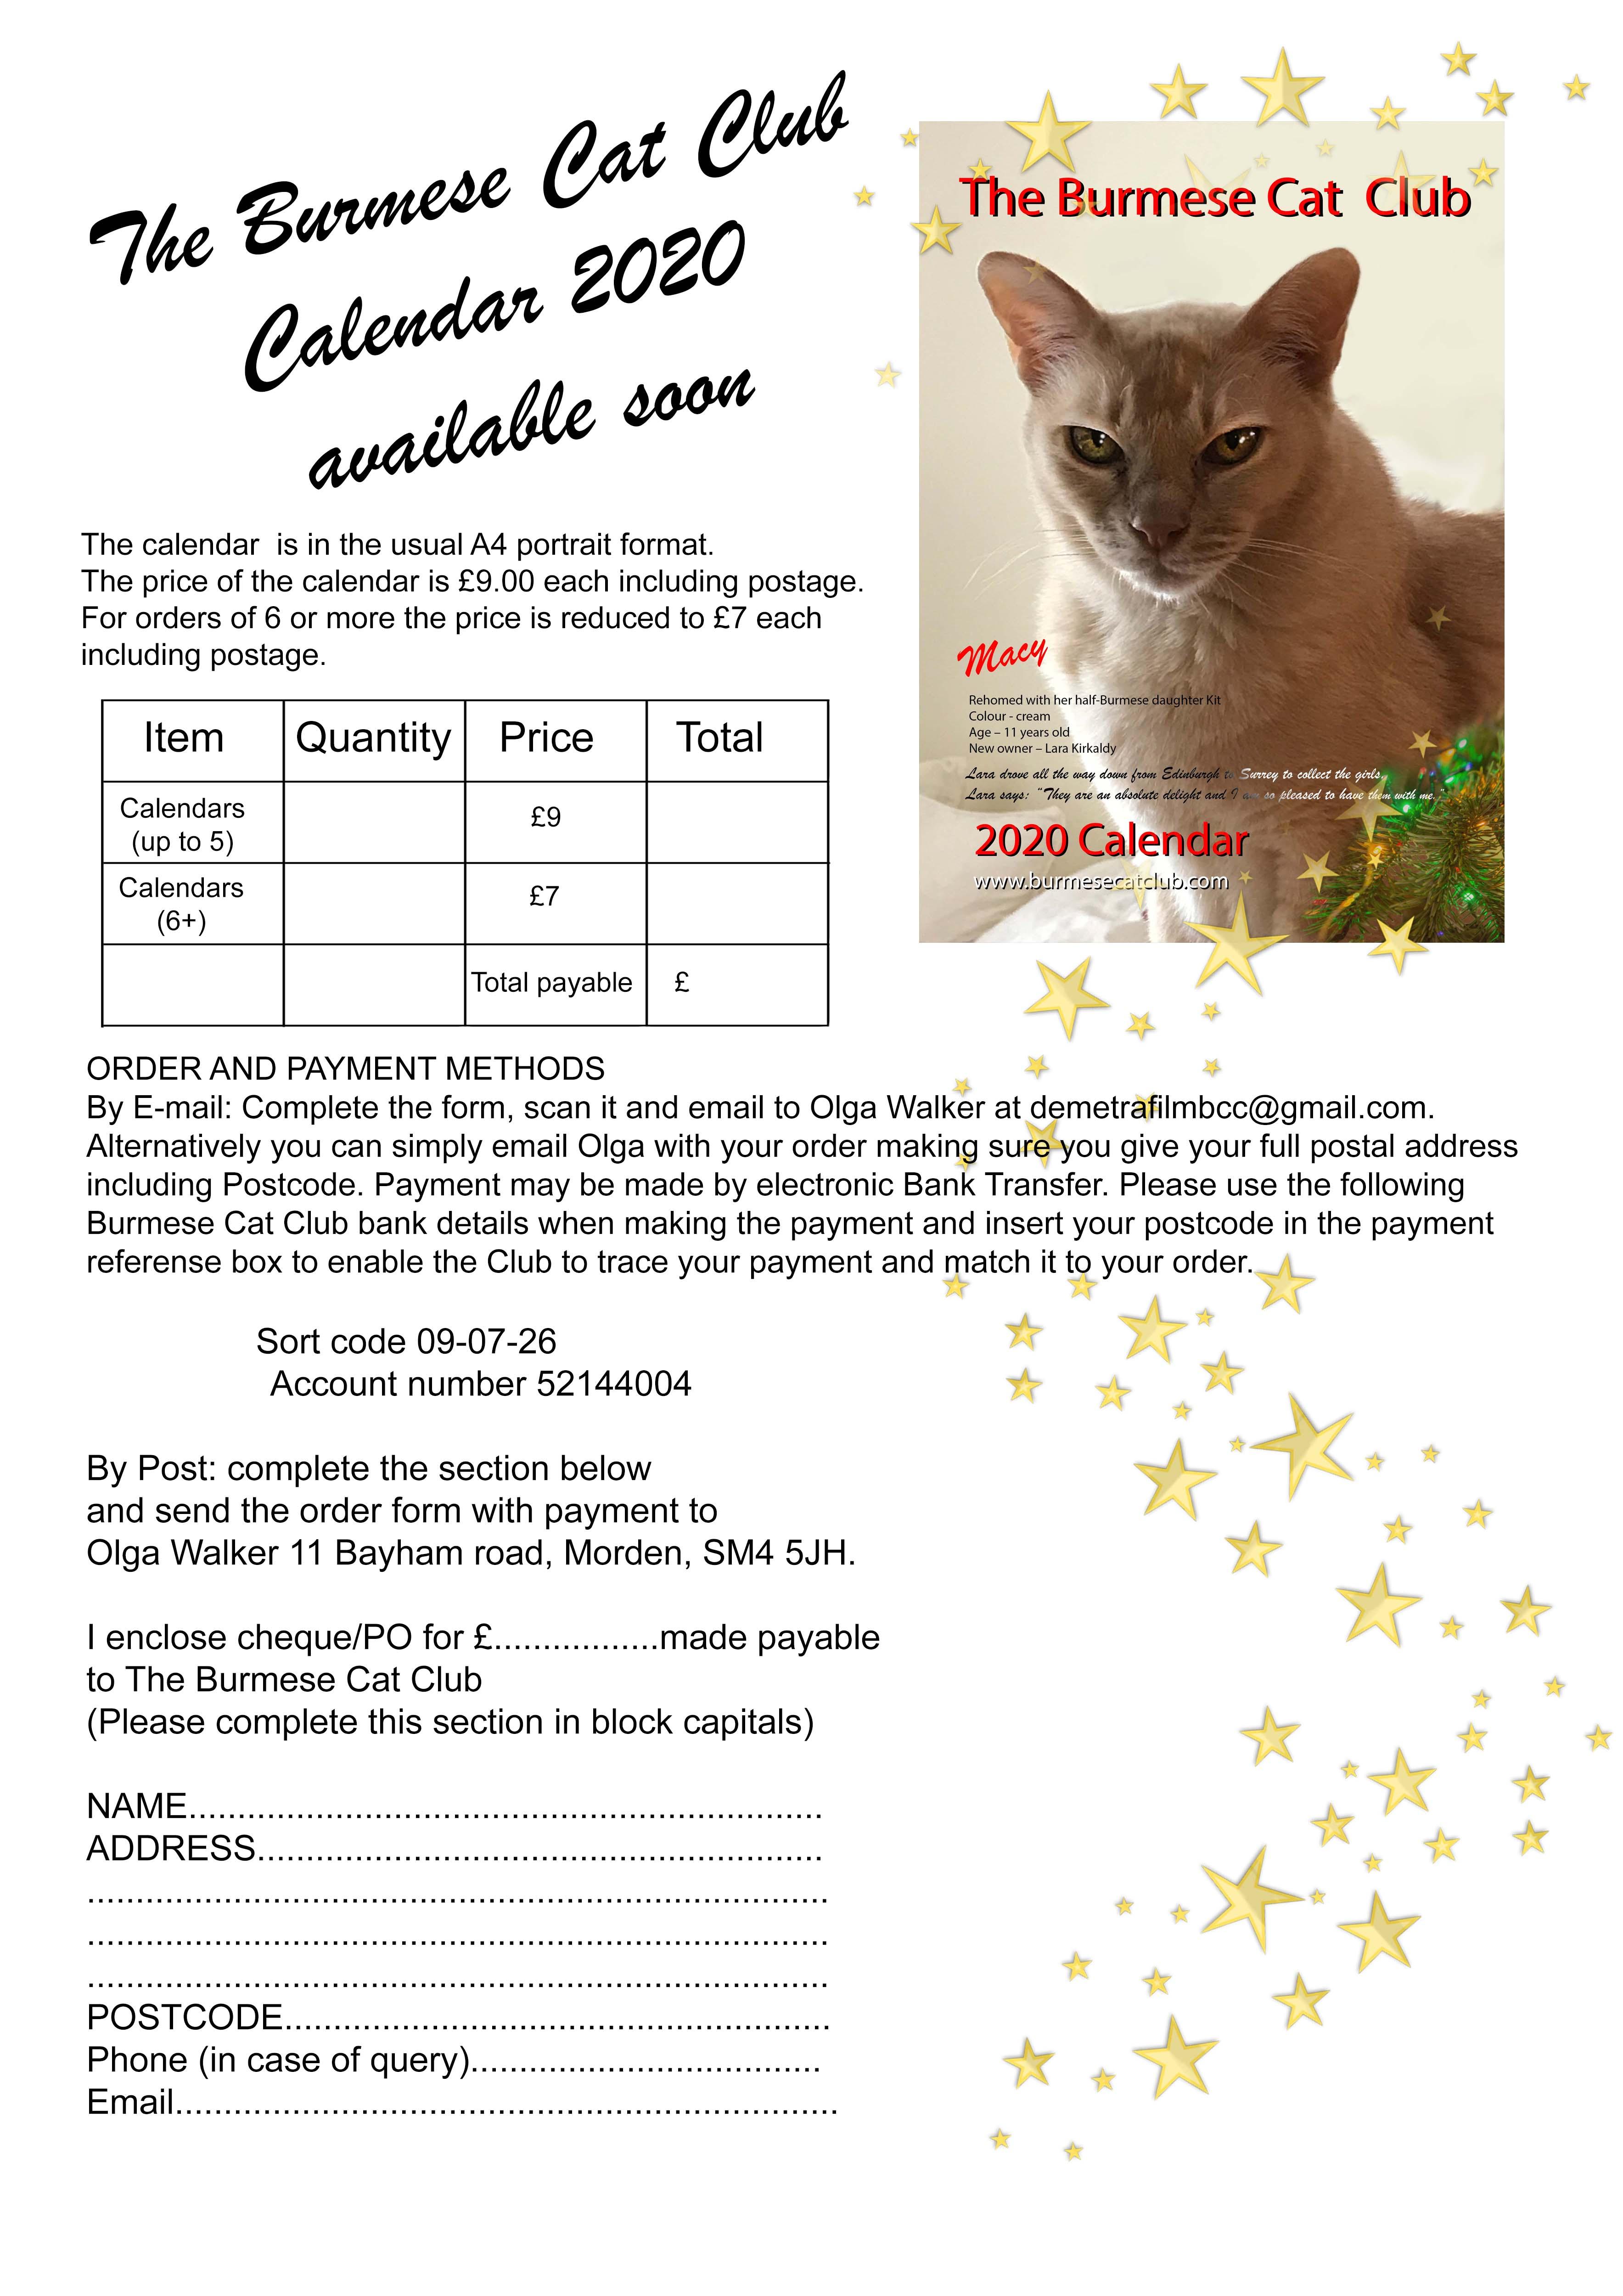 2020 Burmese Cat Club Calendar Burmese Cat Club